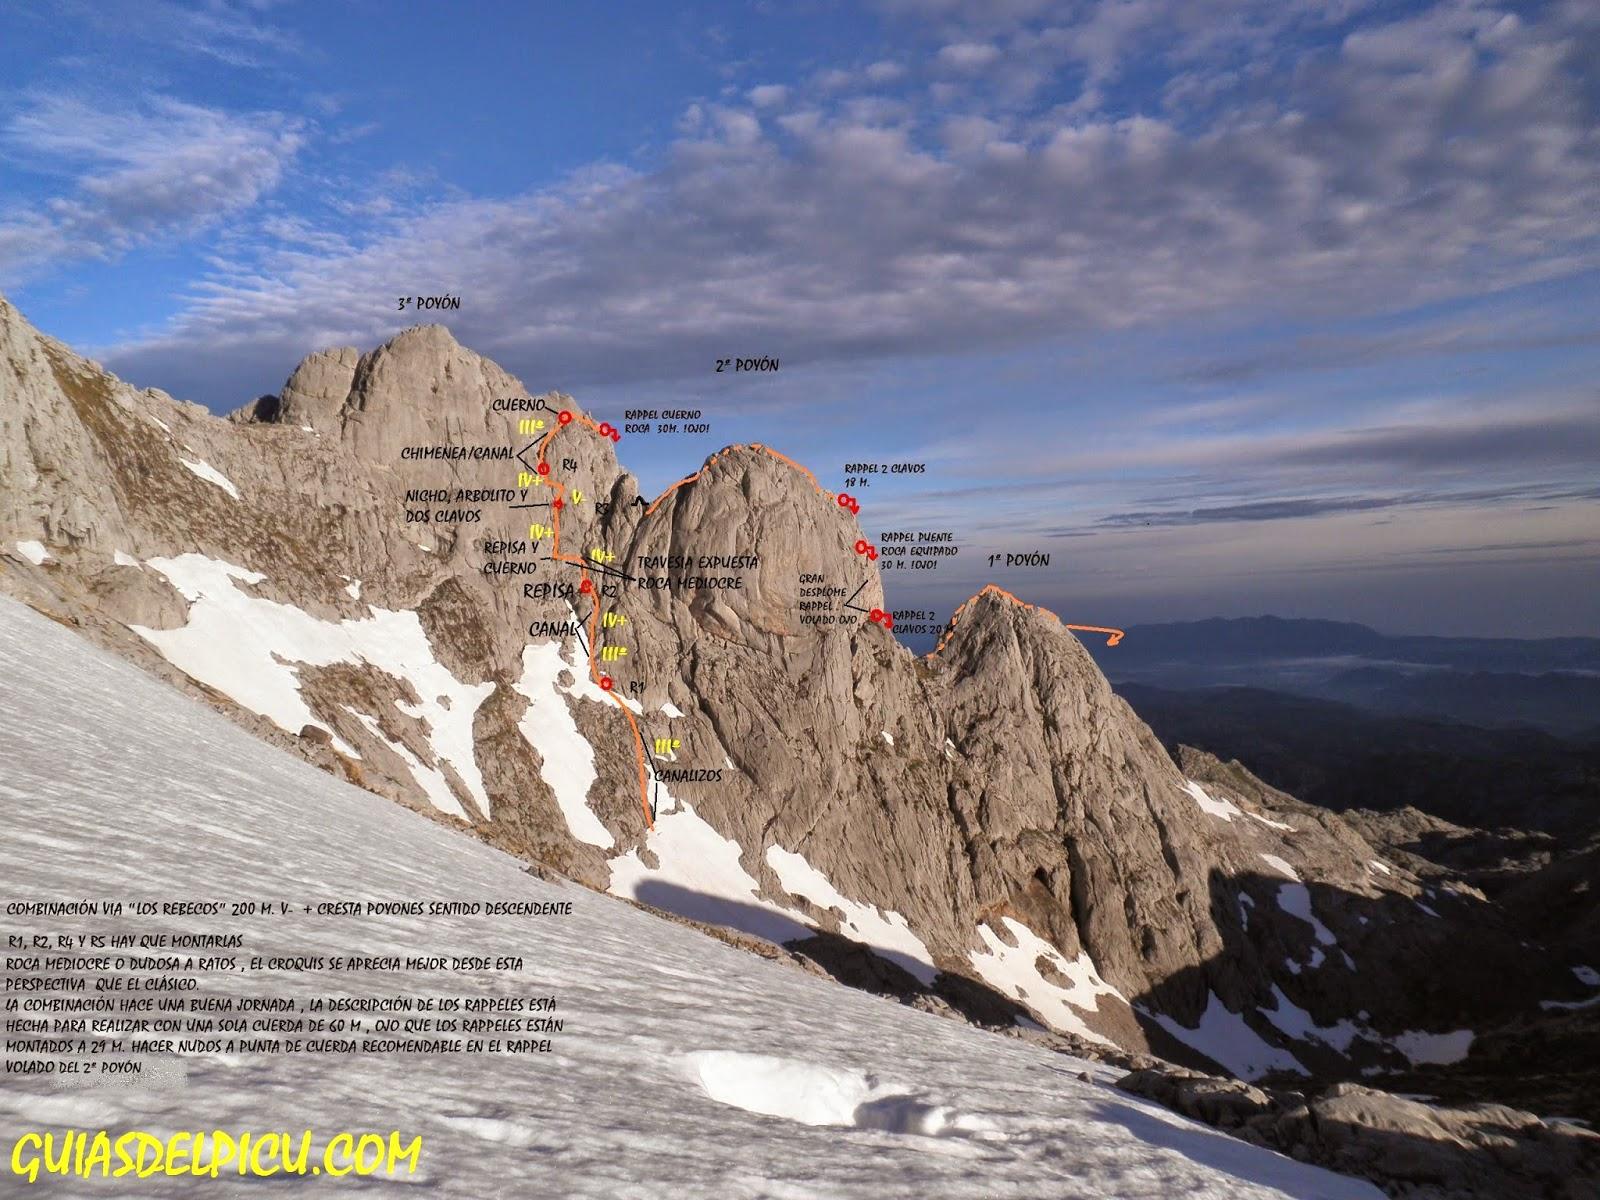 Guia de alta montaña Fernando Calvo Gonzalez, escaladas y crestas en los picos de europa.